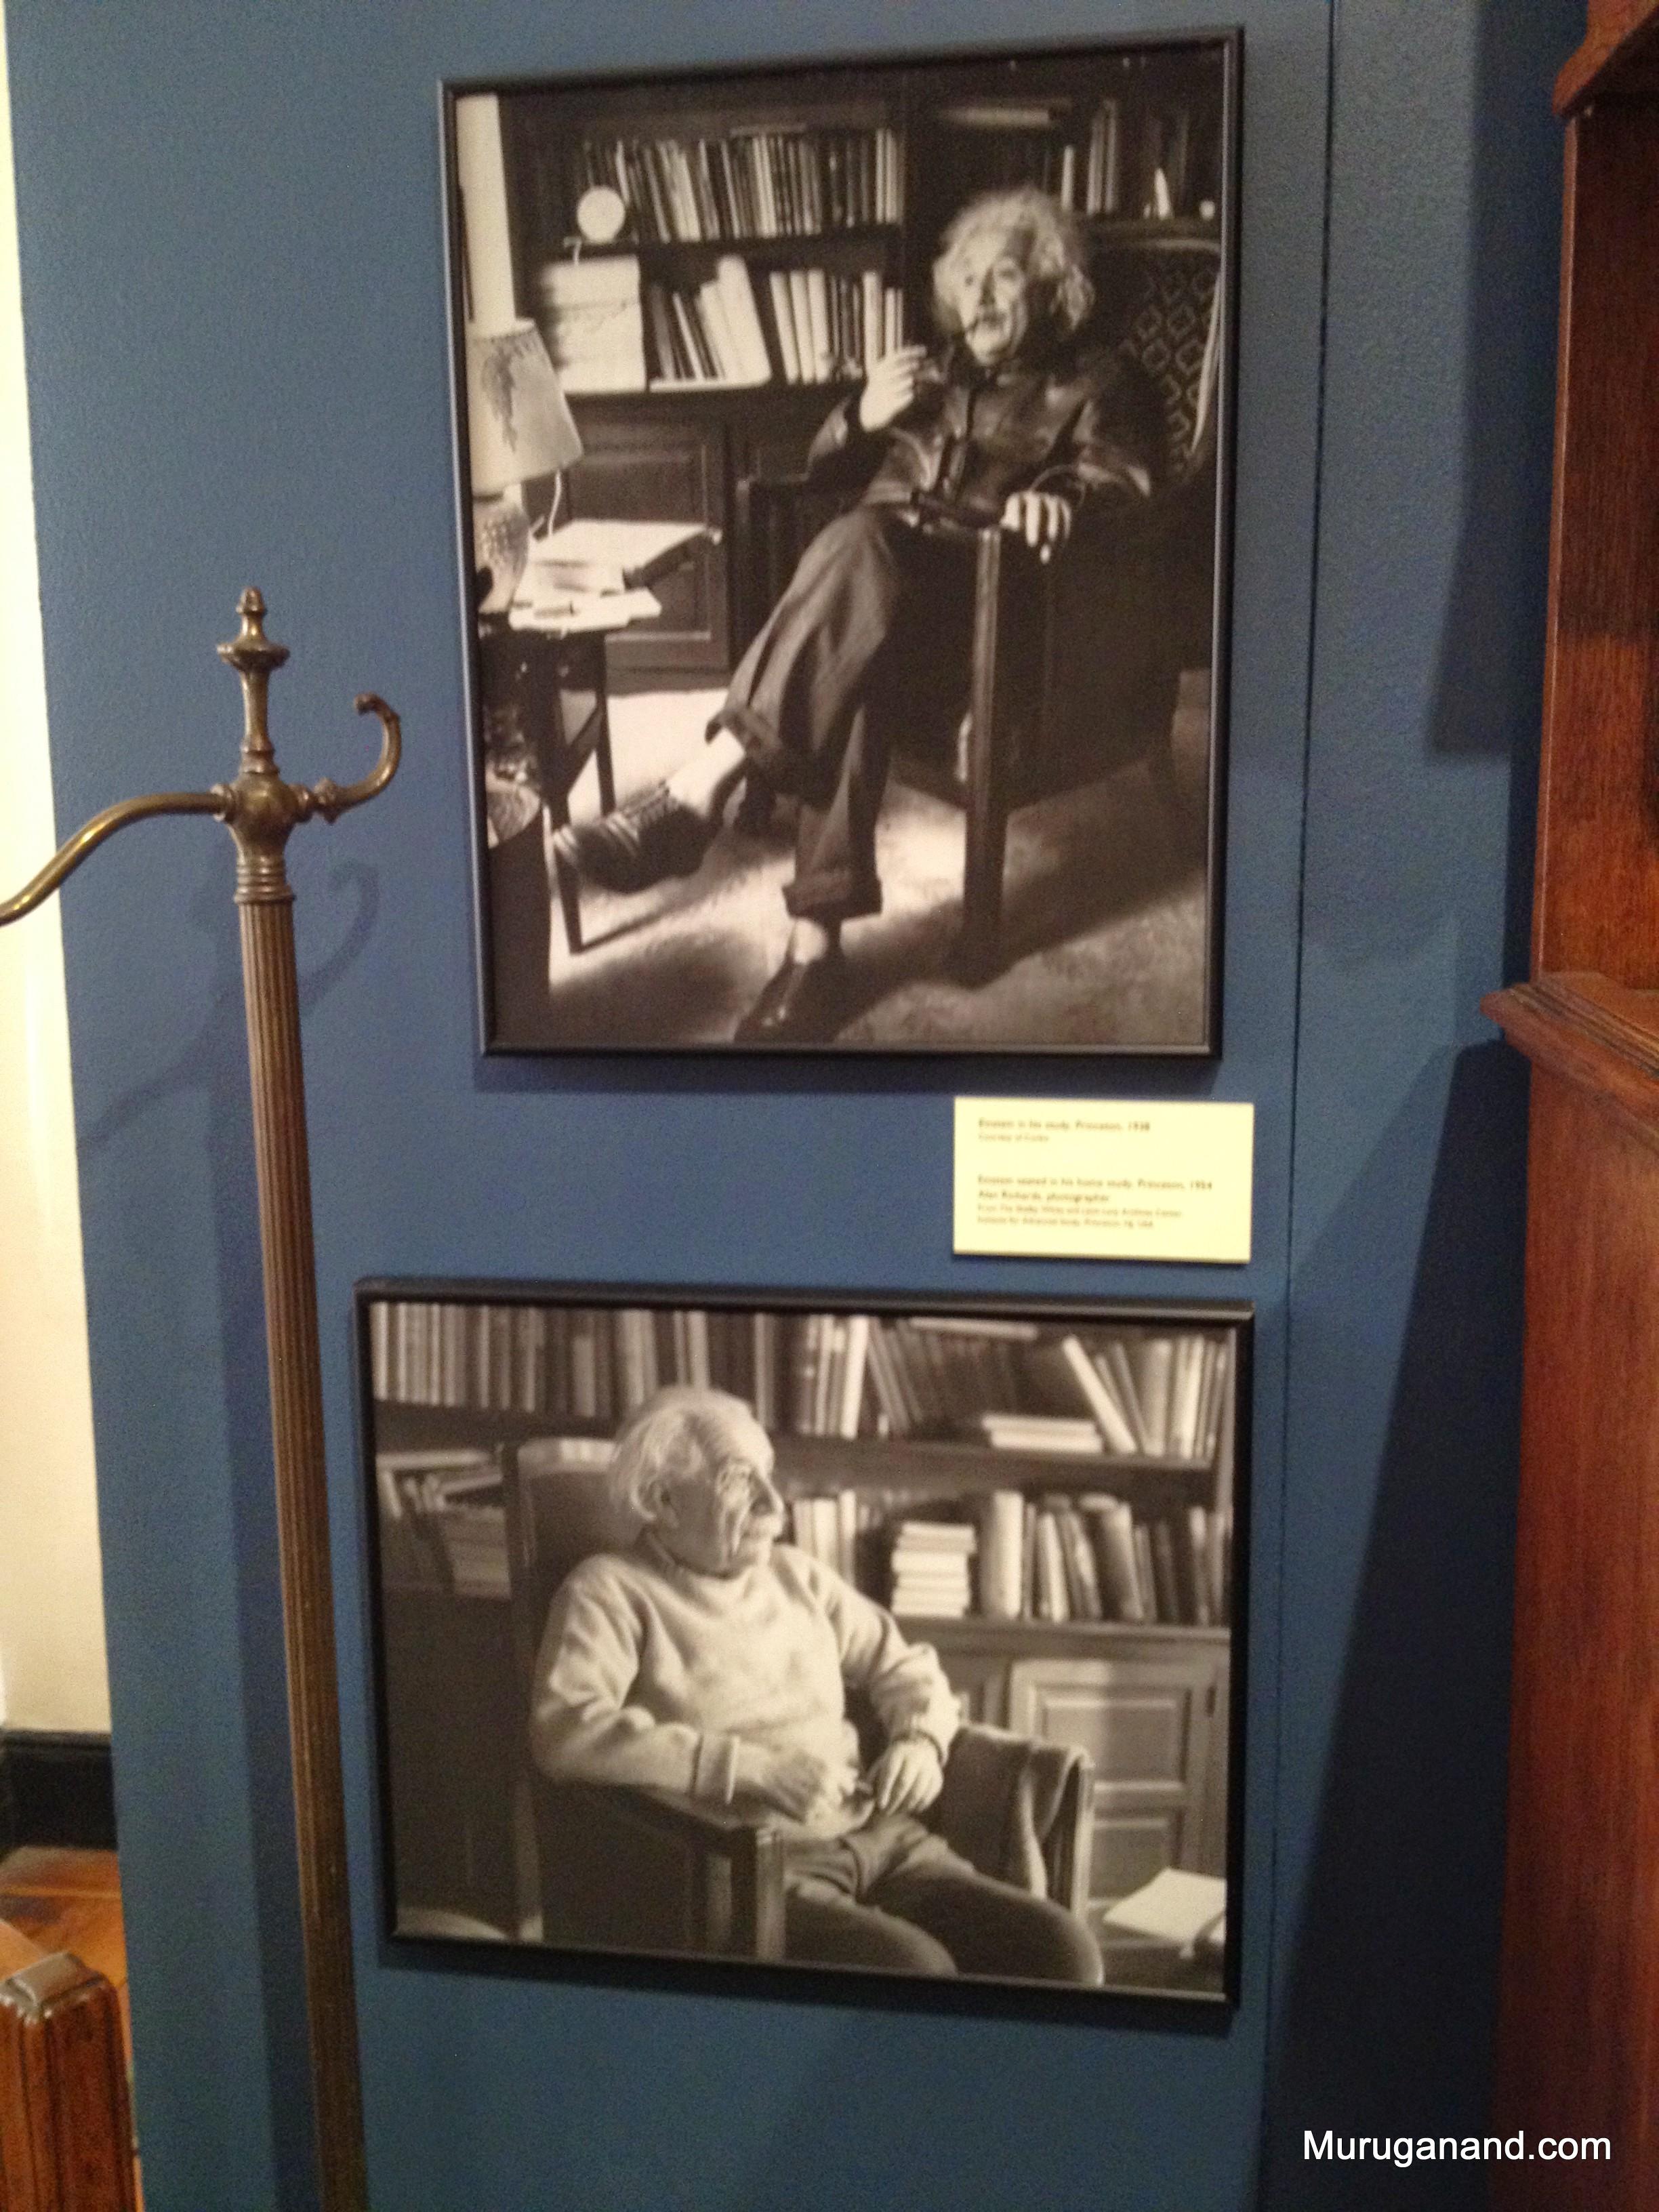 Einstein in his study room